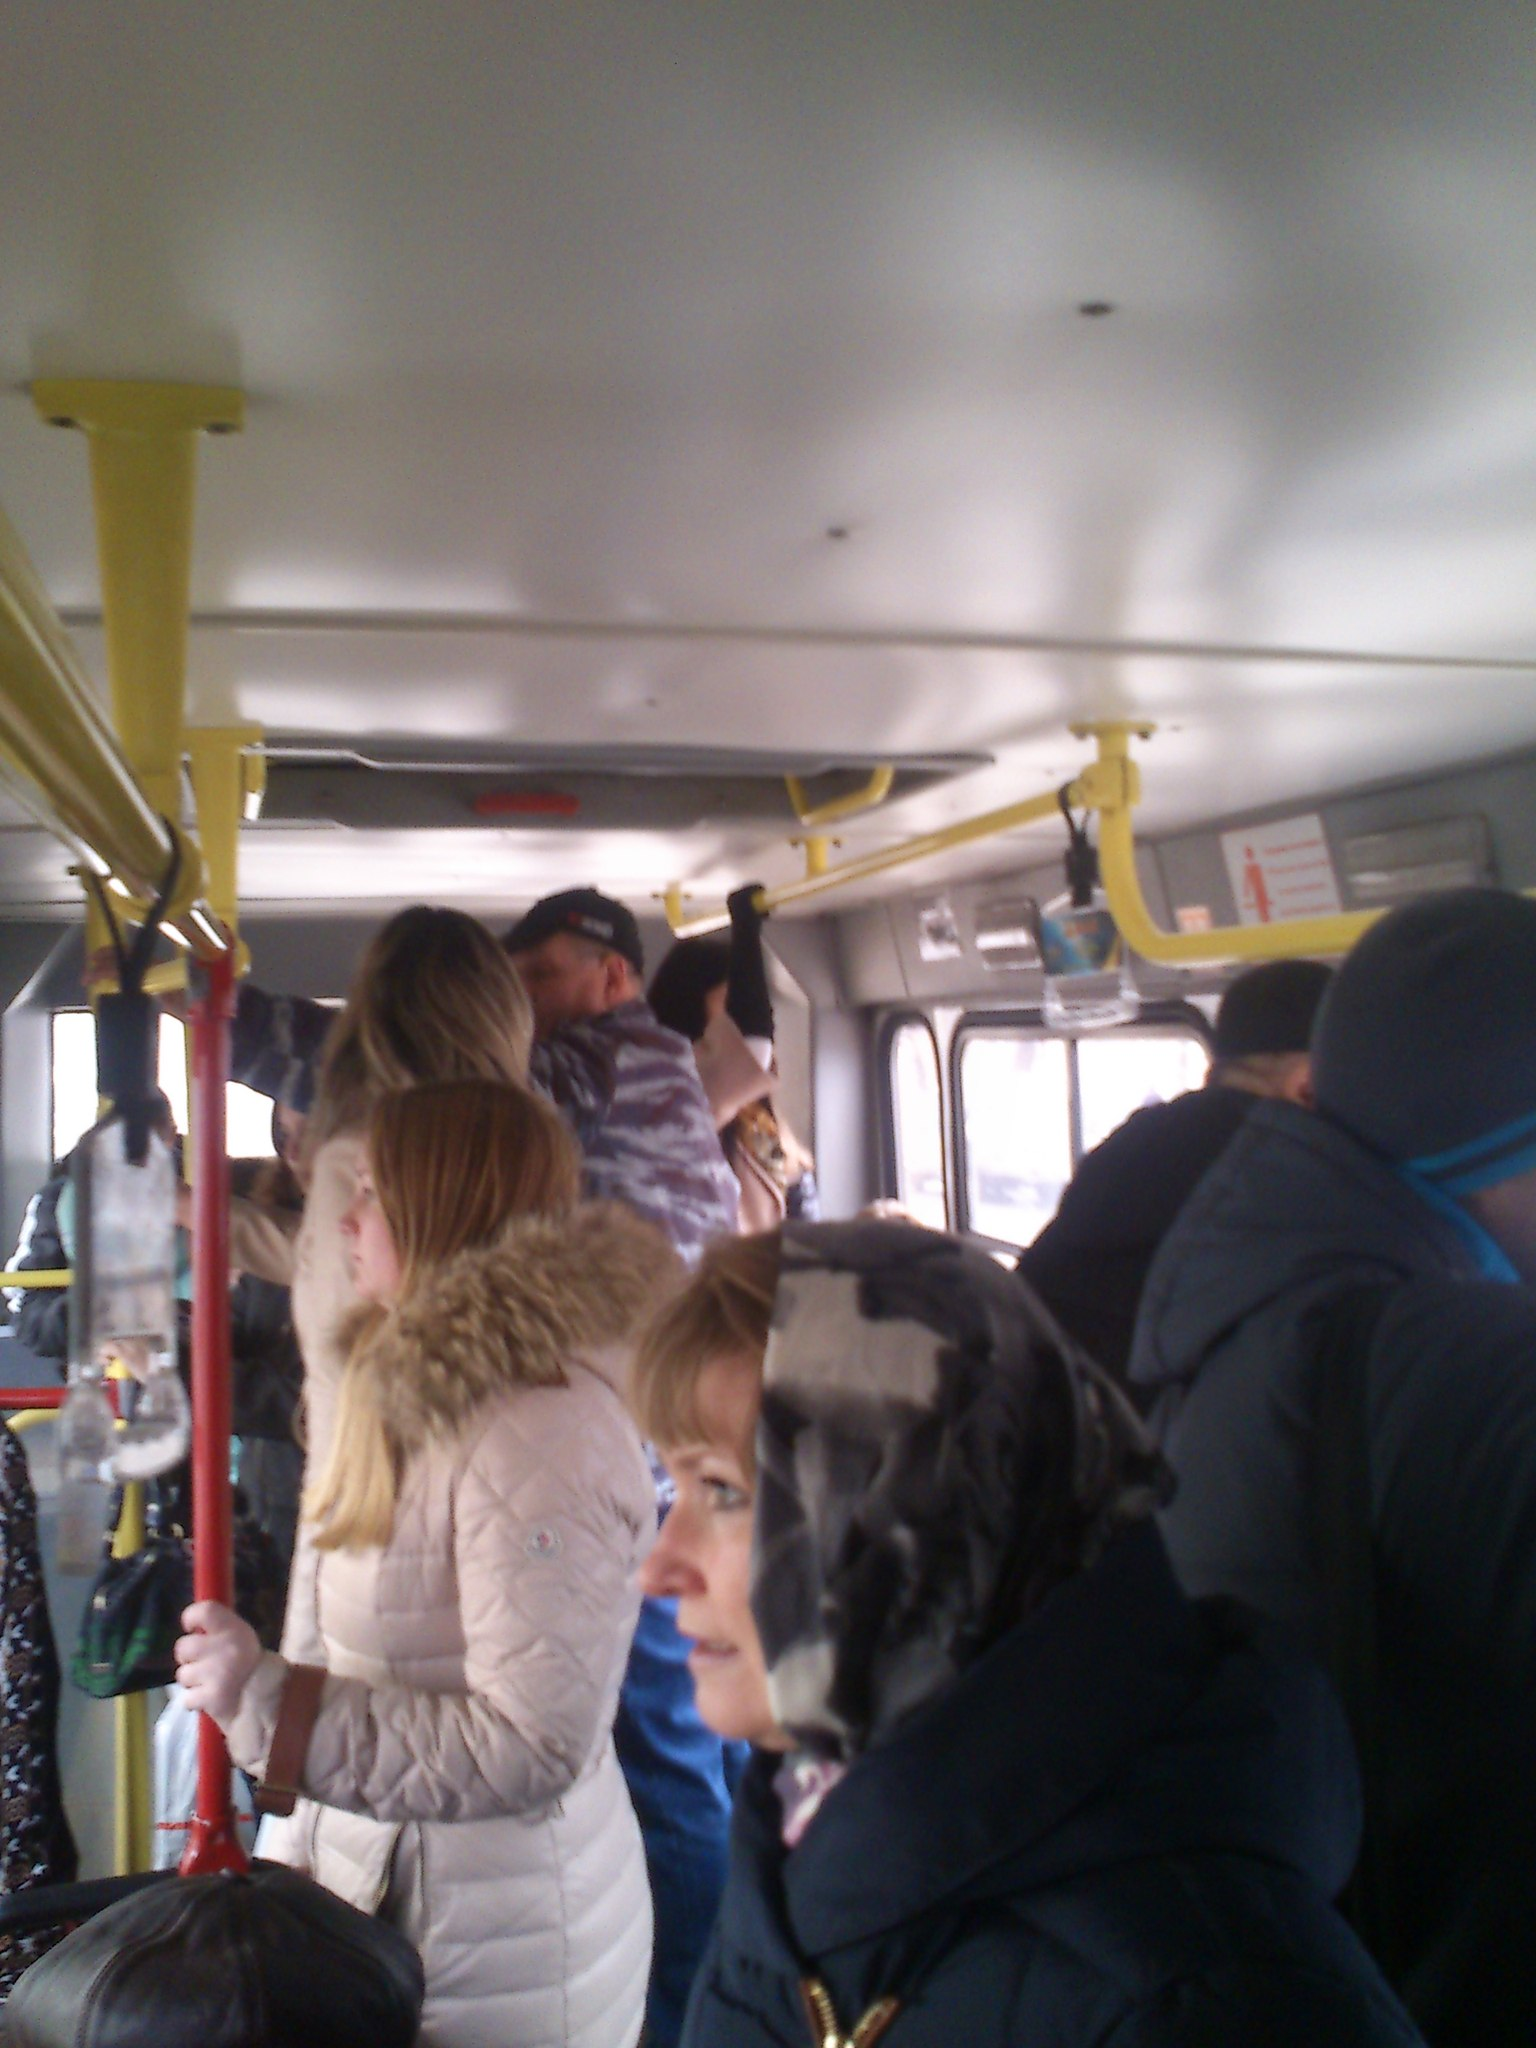 только девушек прижался спереди к женщине в транспорте исключено, также